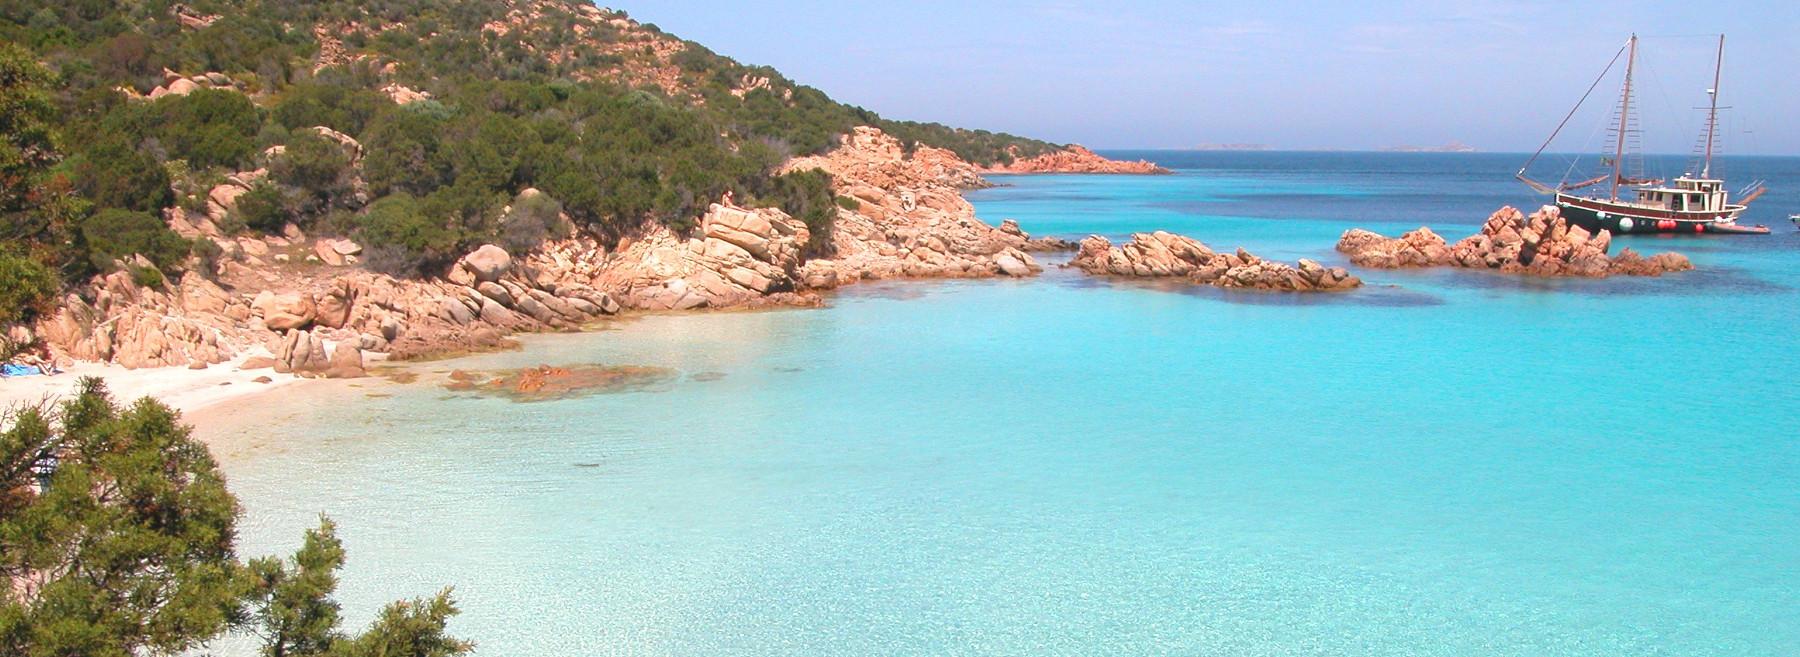 Delphina Settembre in Sardegna ancora caldo per un'estate da favola  Sardegna